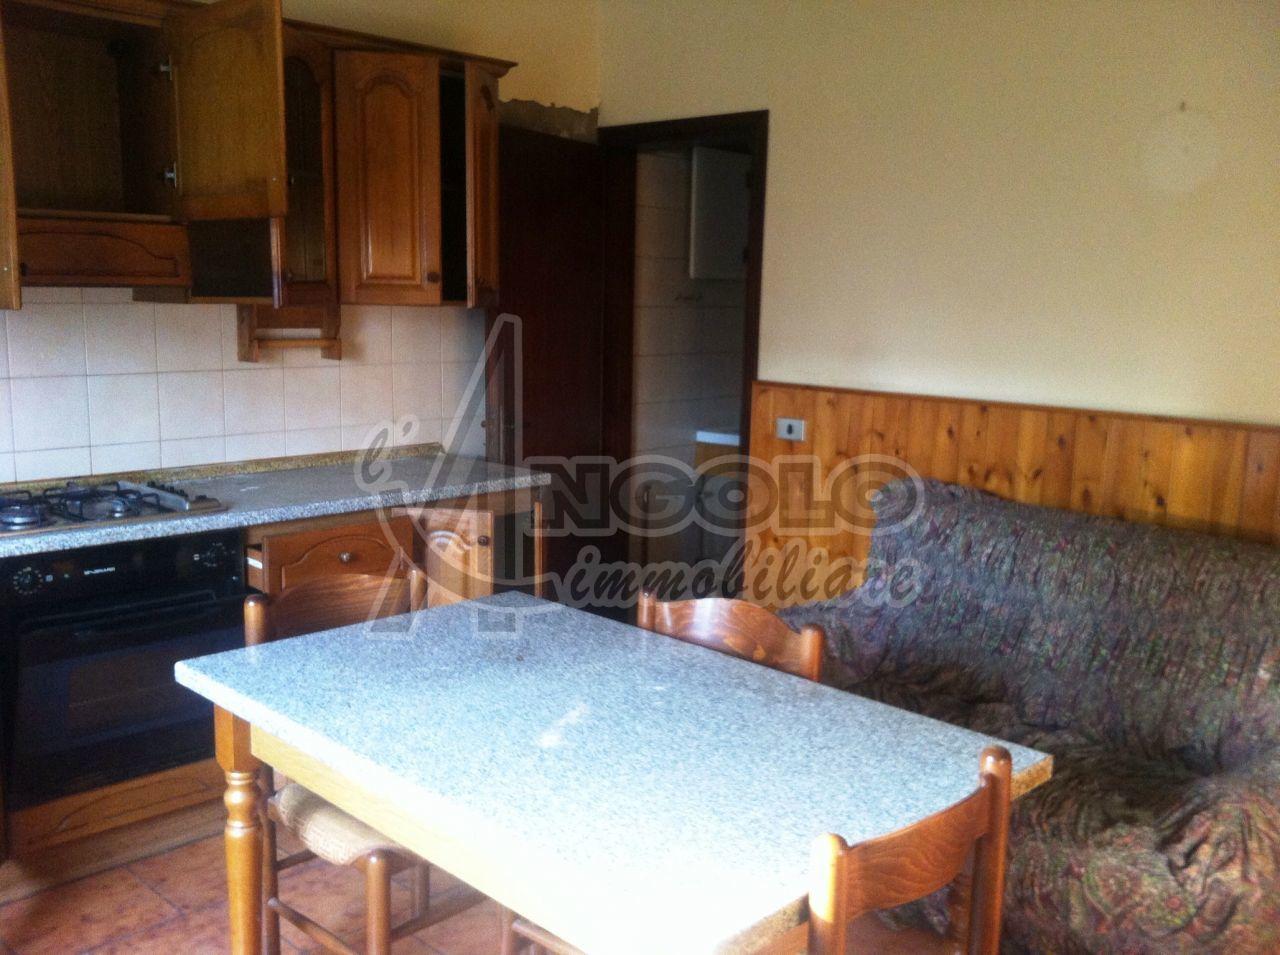 Soluzione Semindipendente in vendita a Canaro, 5 locali, prezzo € 35.000 | Cambio Casa.it